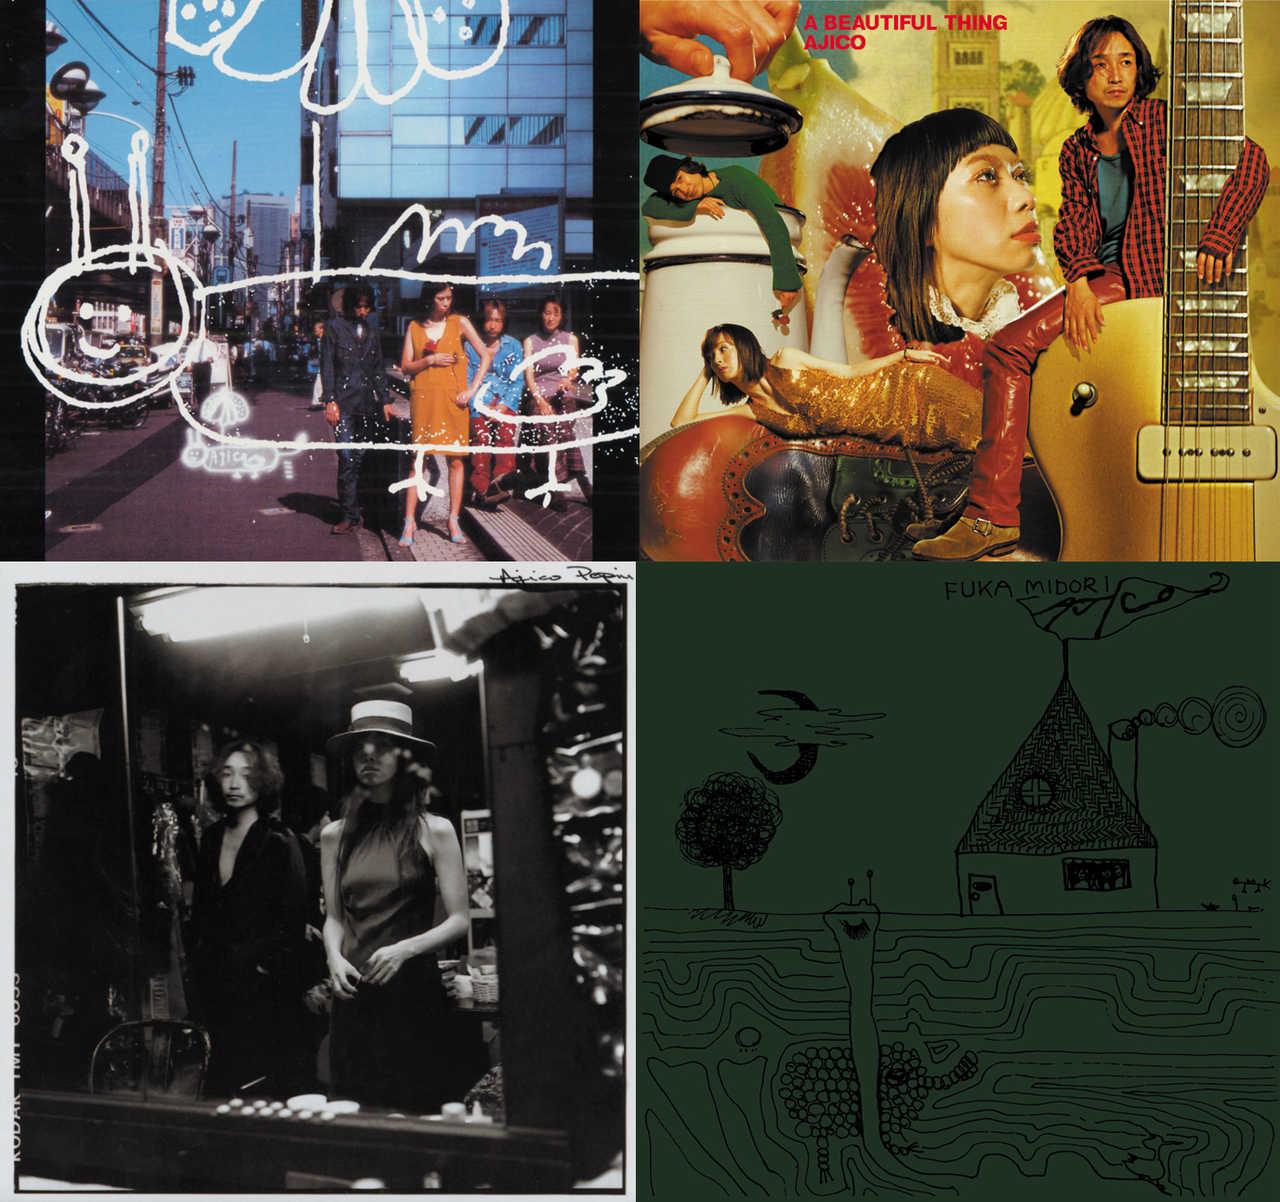 シングル「波動」、シングル「美しいこと」、シングル「ぺピン」、アルバム『深緑』